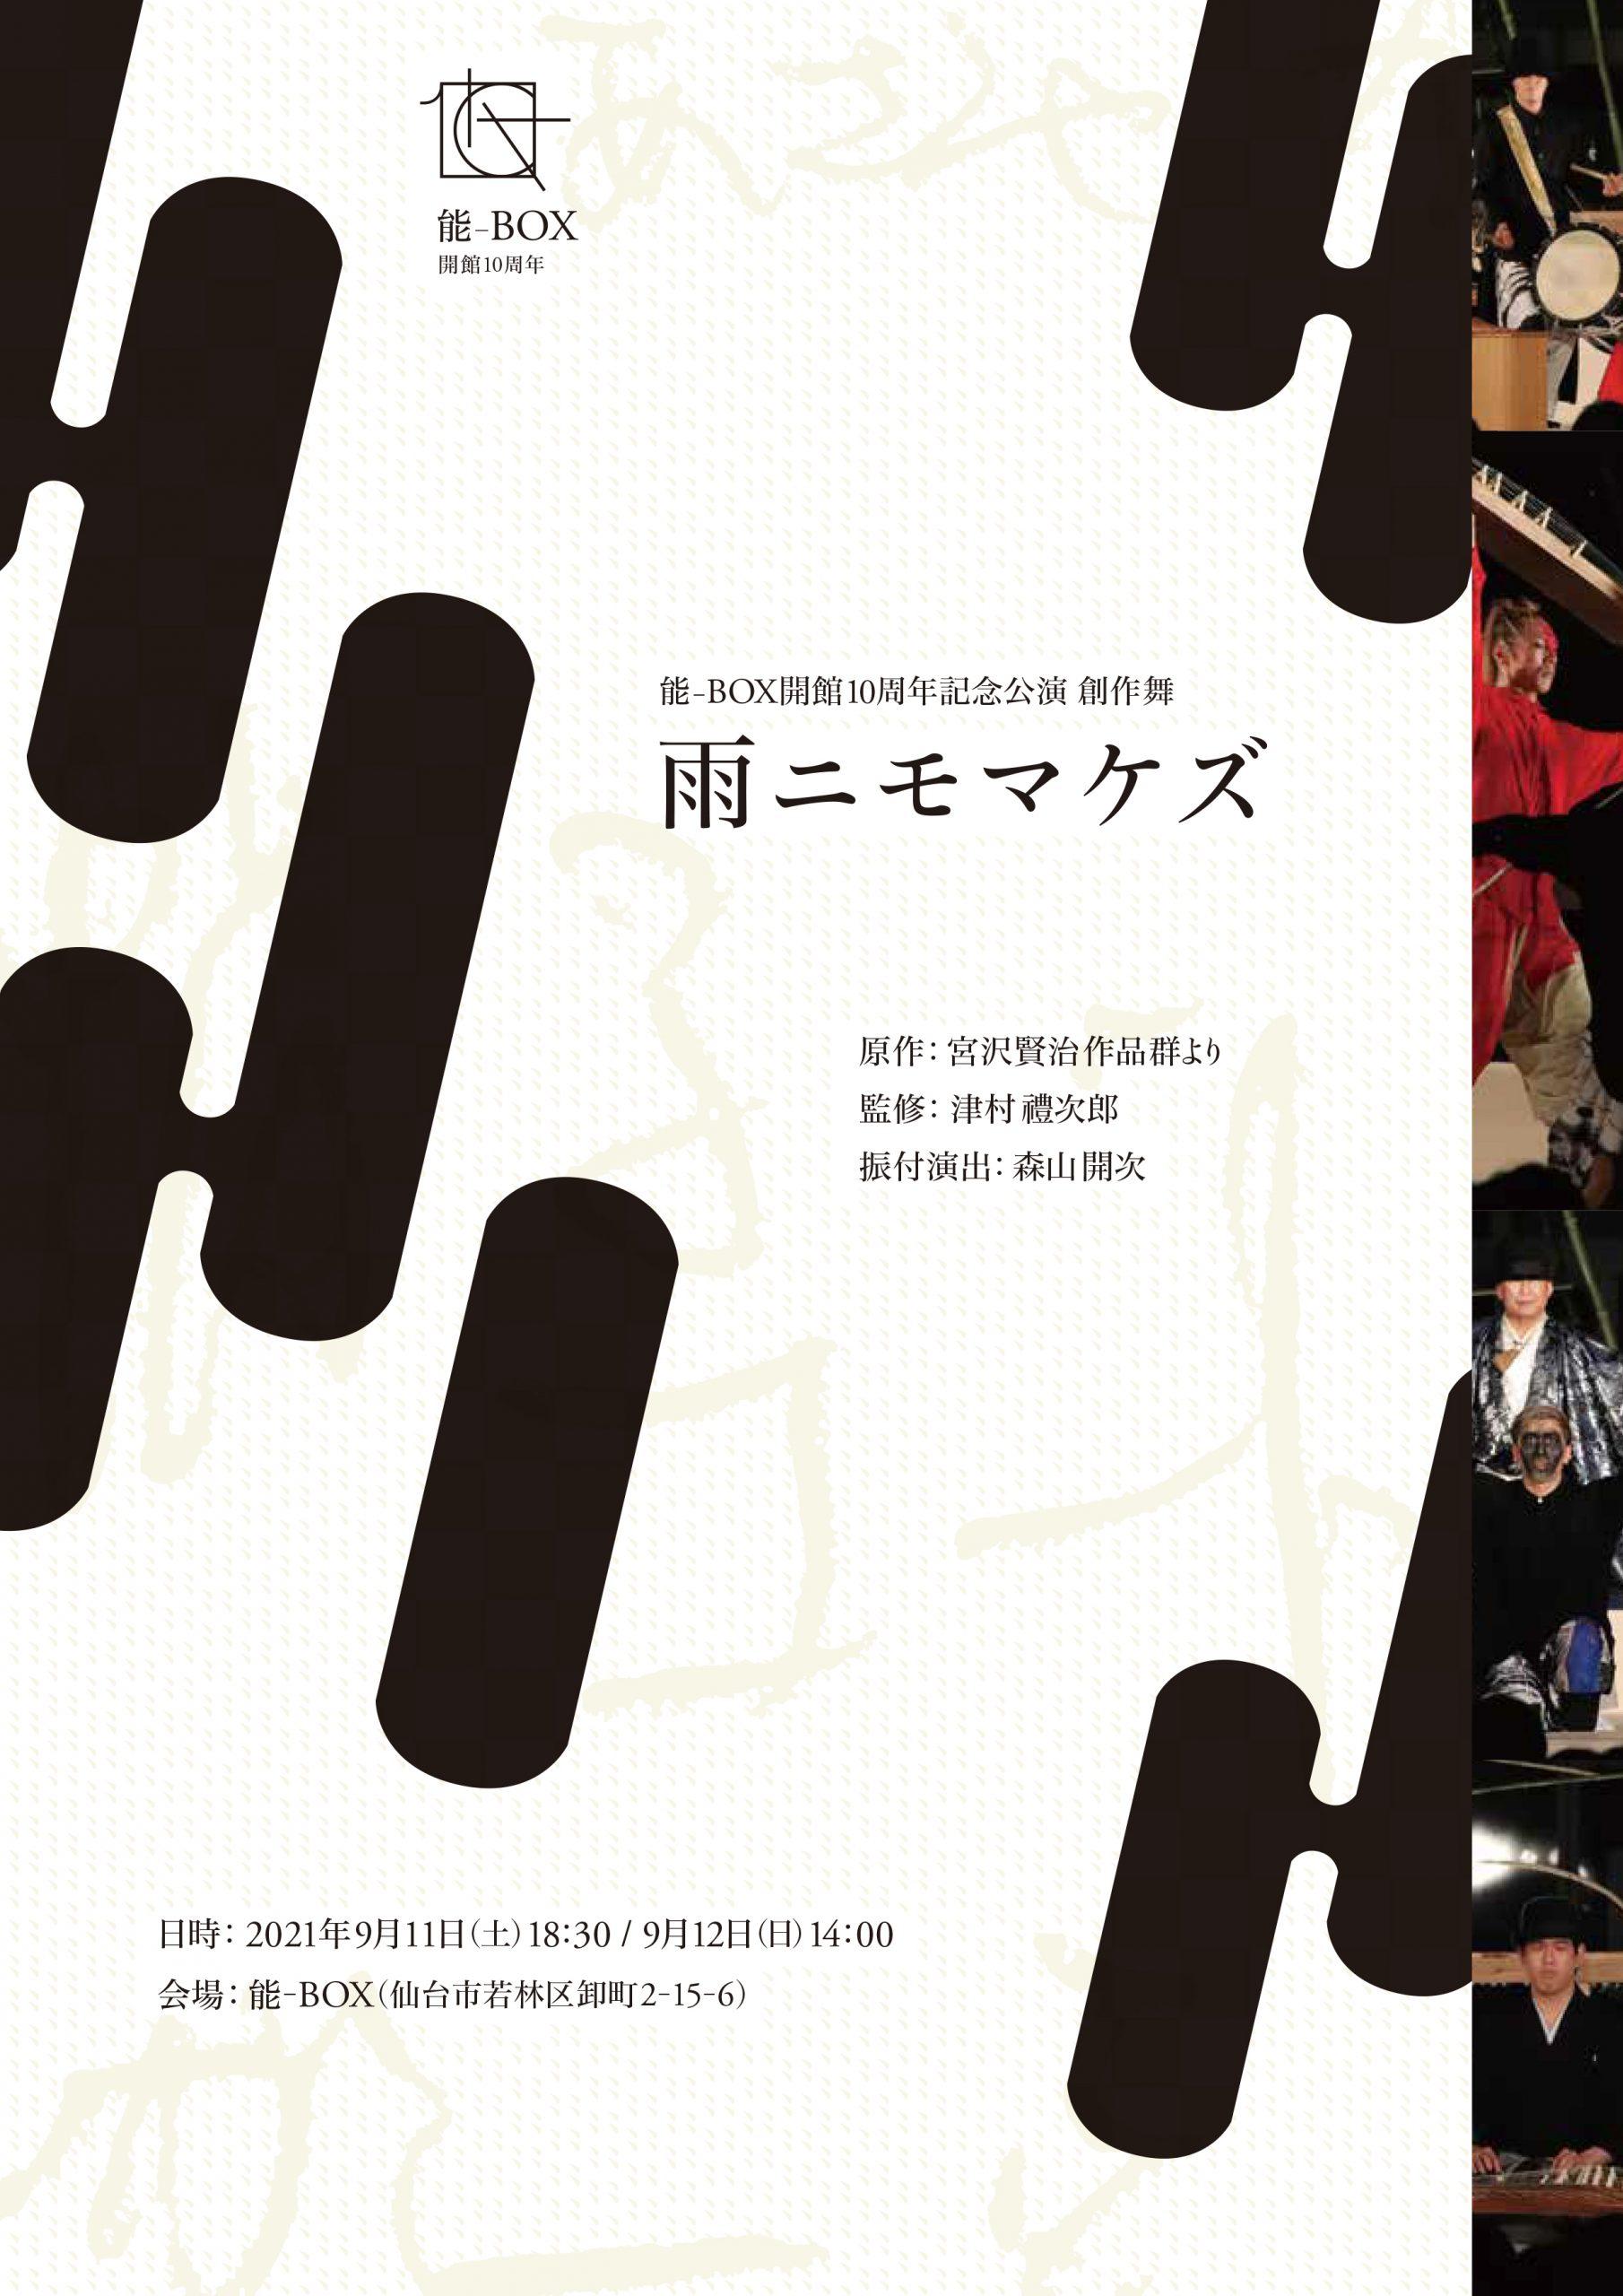 能-BOX開館10周年記念公演 創作舞『雨ニモマケズ』チラシ画像